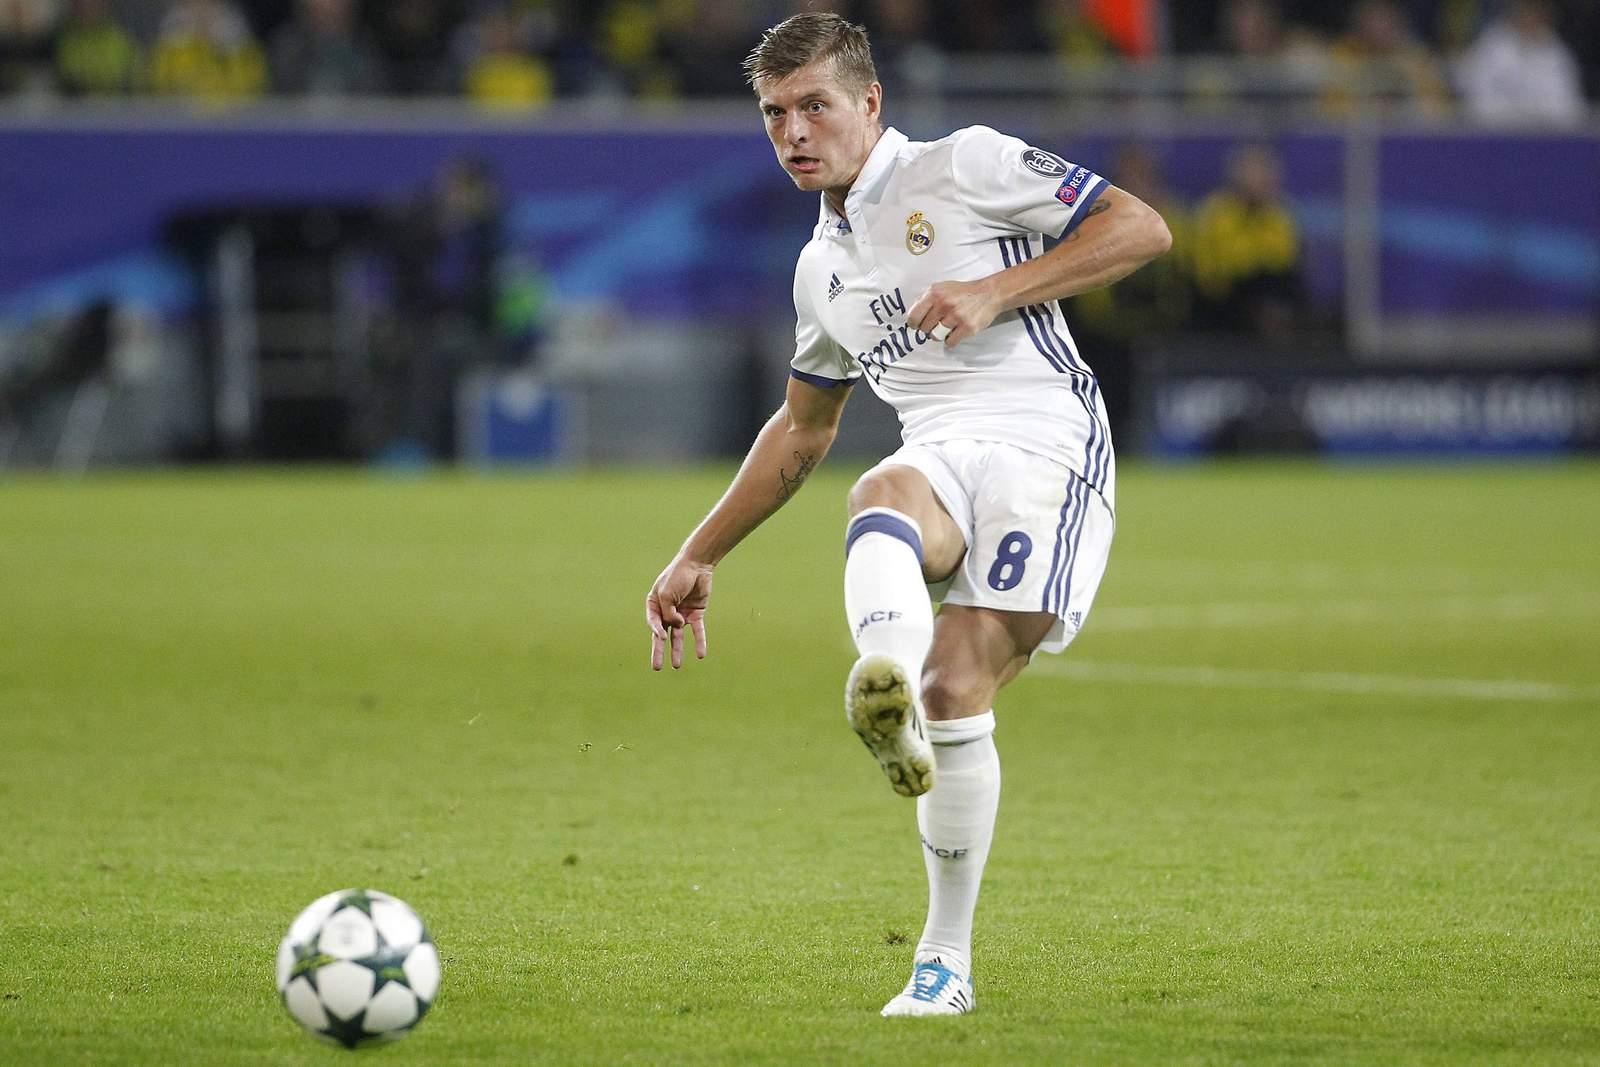 Toni Kroos besticht bei Real Madrid durch sein Passspiel. Gewinnt er jetzt den Supercup? Jetzt darauf wetten.